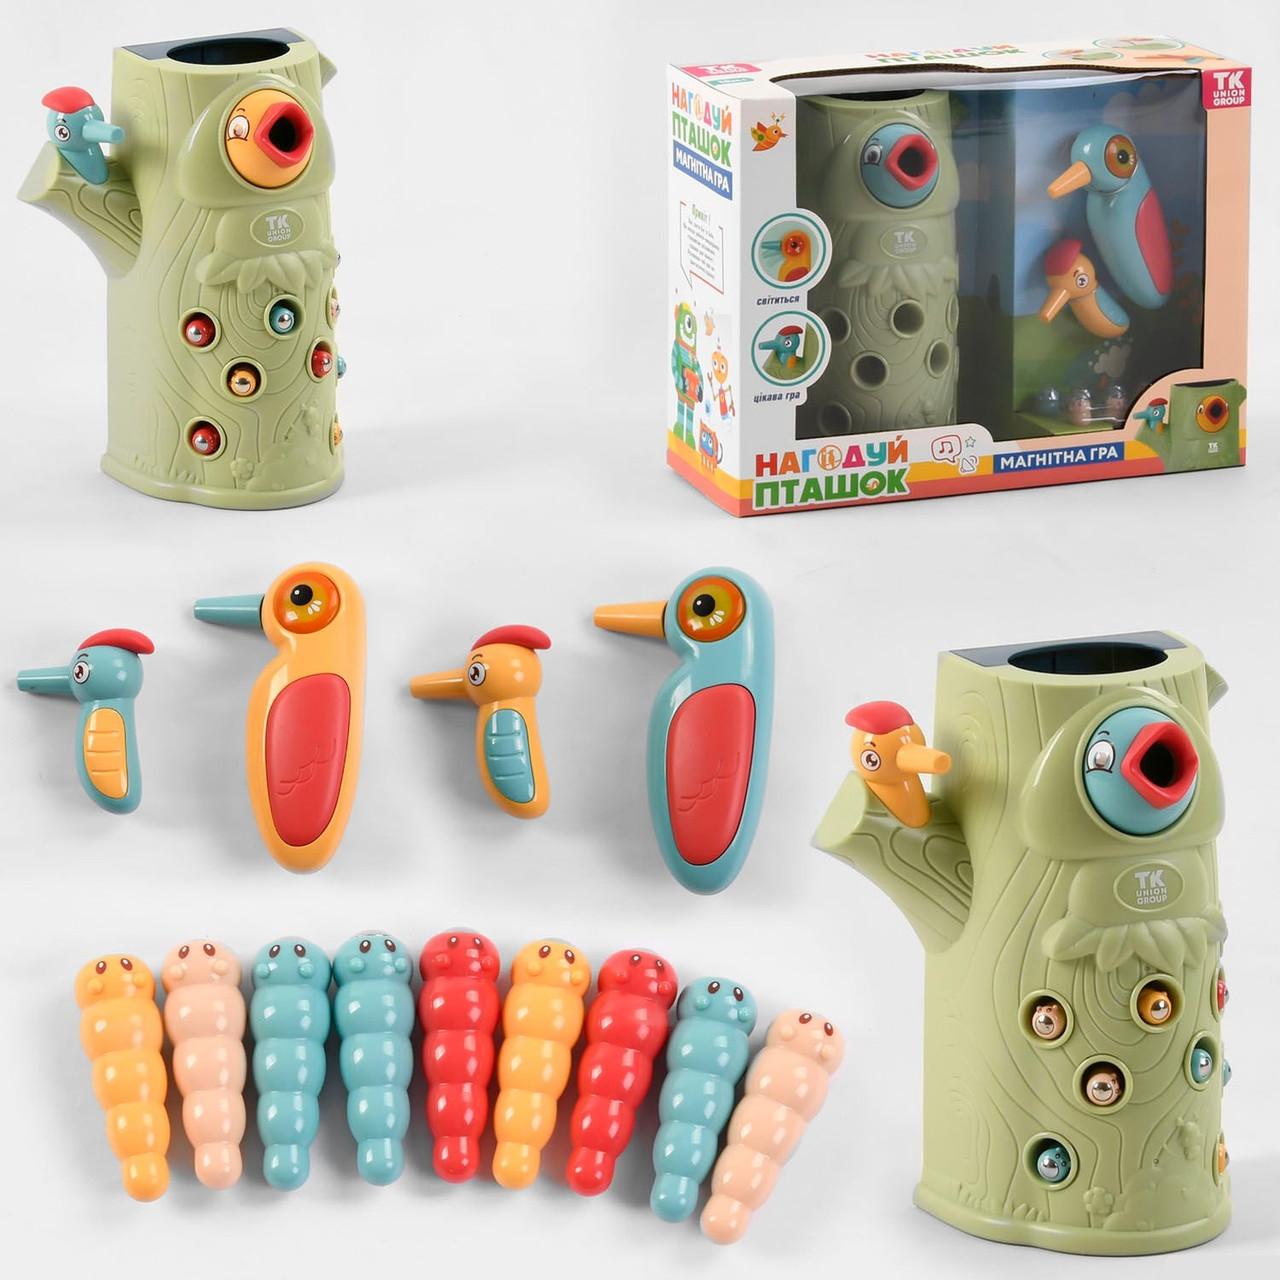 """Магнитная игра 80395 """"Нагодуй пташок"""", """"TK Group"""", 9 червячков, птички с магнитным клювиком, 1 птичка"""